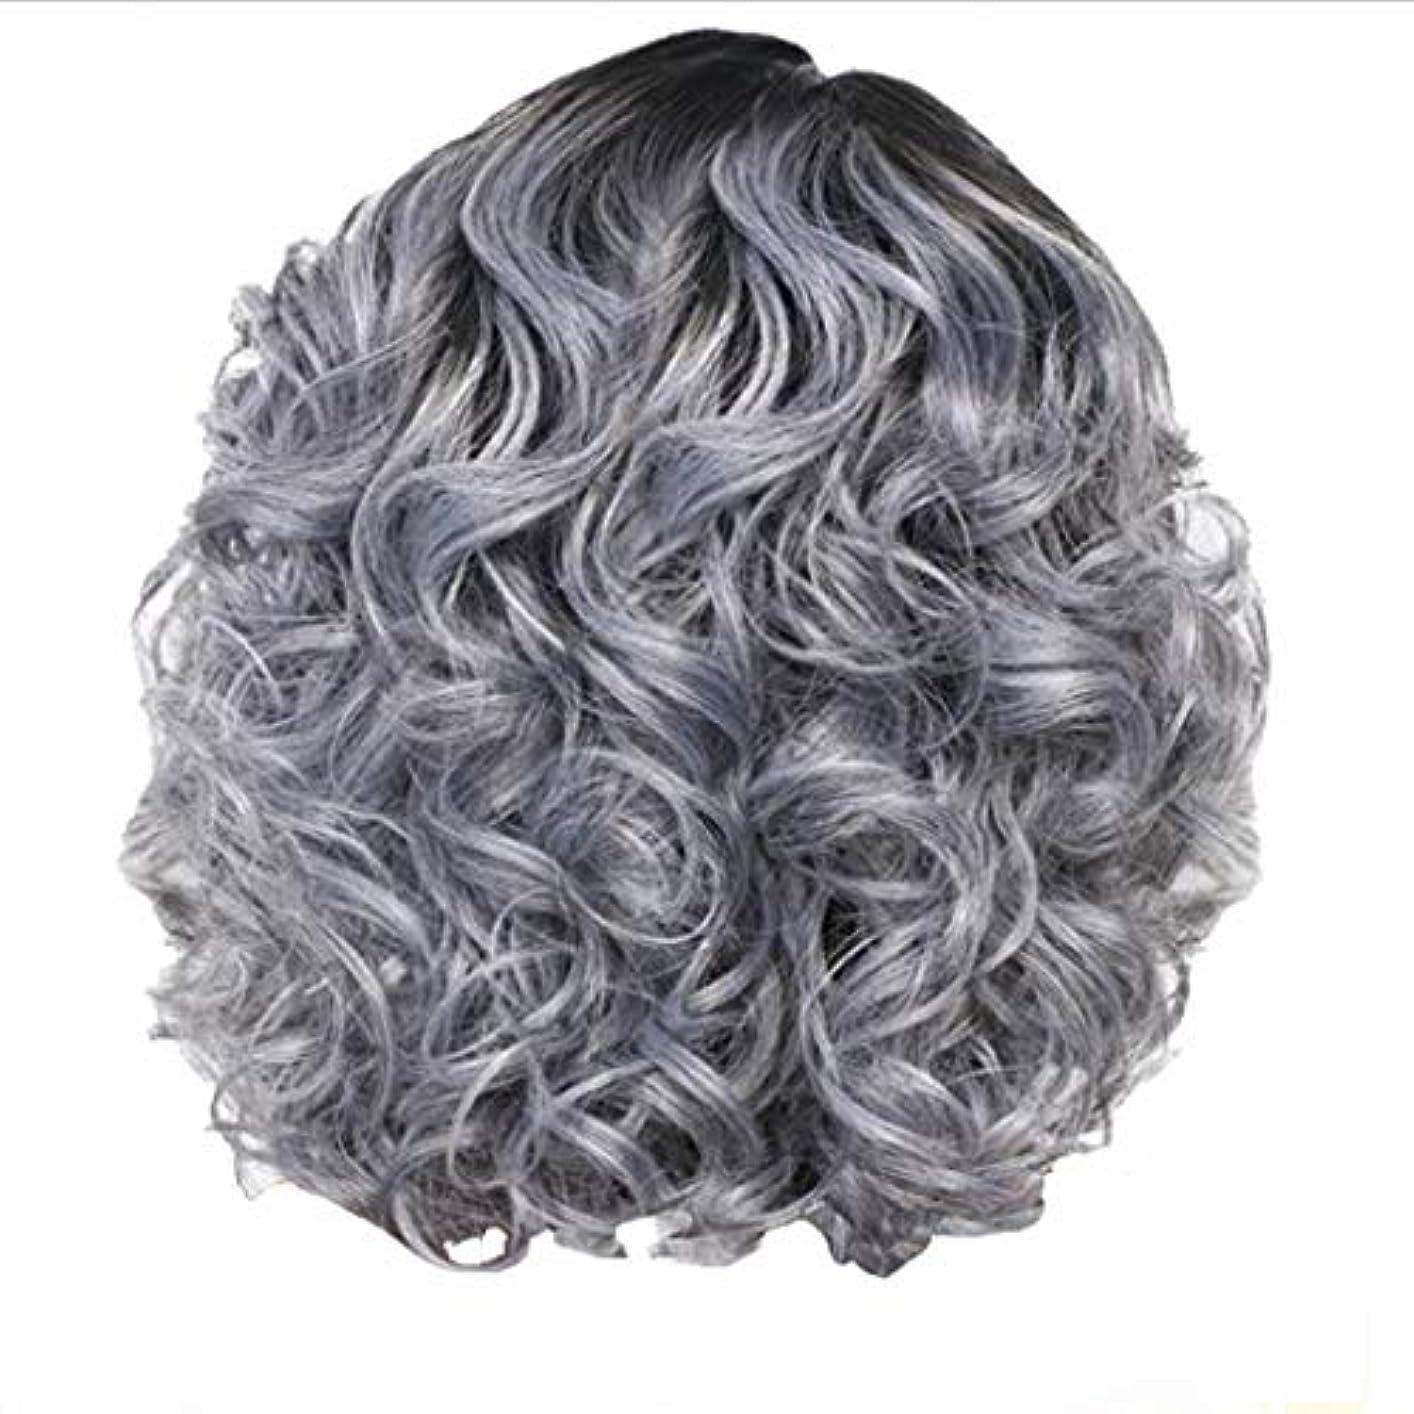 スキムミケランジェロ発音するかつら女性の短い巻き毛シルバーグレーレトロ巻き毛ネット30 cm